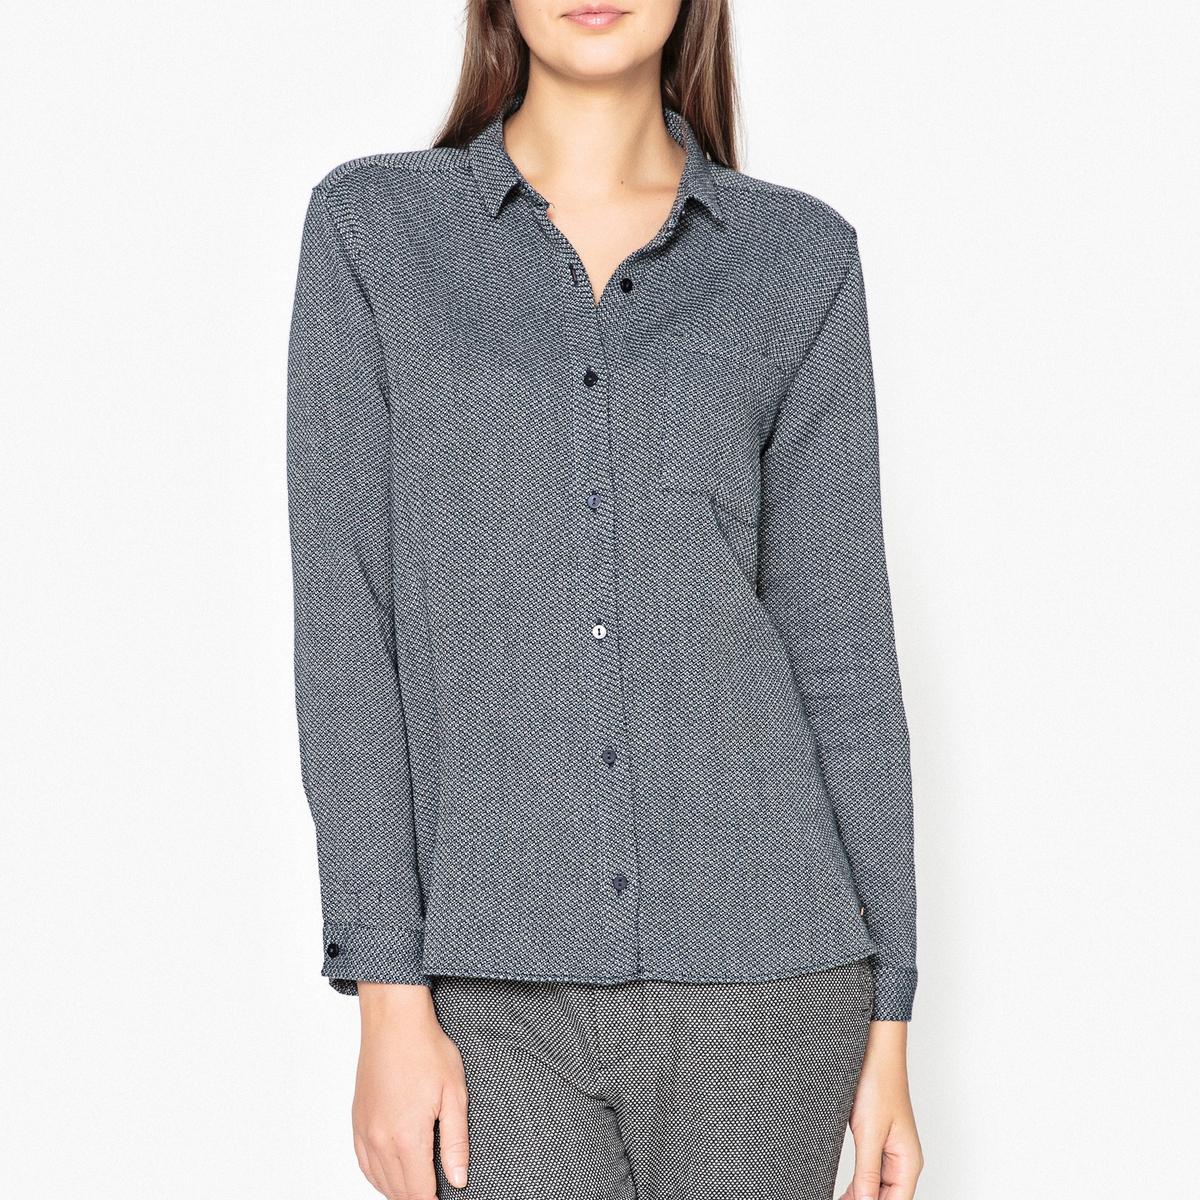 Рубашка из 100% хлопка CASILEРубашка с длинными рукавами HARRIS WILSON - модель CASILDE из жаккардовой двухцветной ткани из 100% хлопка.Описание •  Длинные рукава  •  Прямой покрой  •  Воротник-поло, рубашечный Состав и уход •  100% хлопок  •  Следуйте рекомендациям по уходу, указанным на этикетке изделия   •  Карман на груди •  Манжеты на пуговицах •  Низ слегка закругленный •  Складки сзади.Характеристики<br><br>Цвет: синий/ белый<br>Размер: M